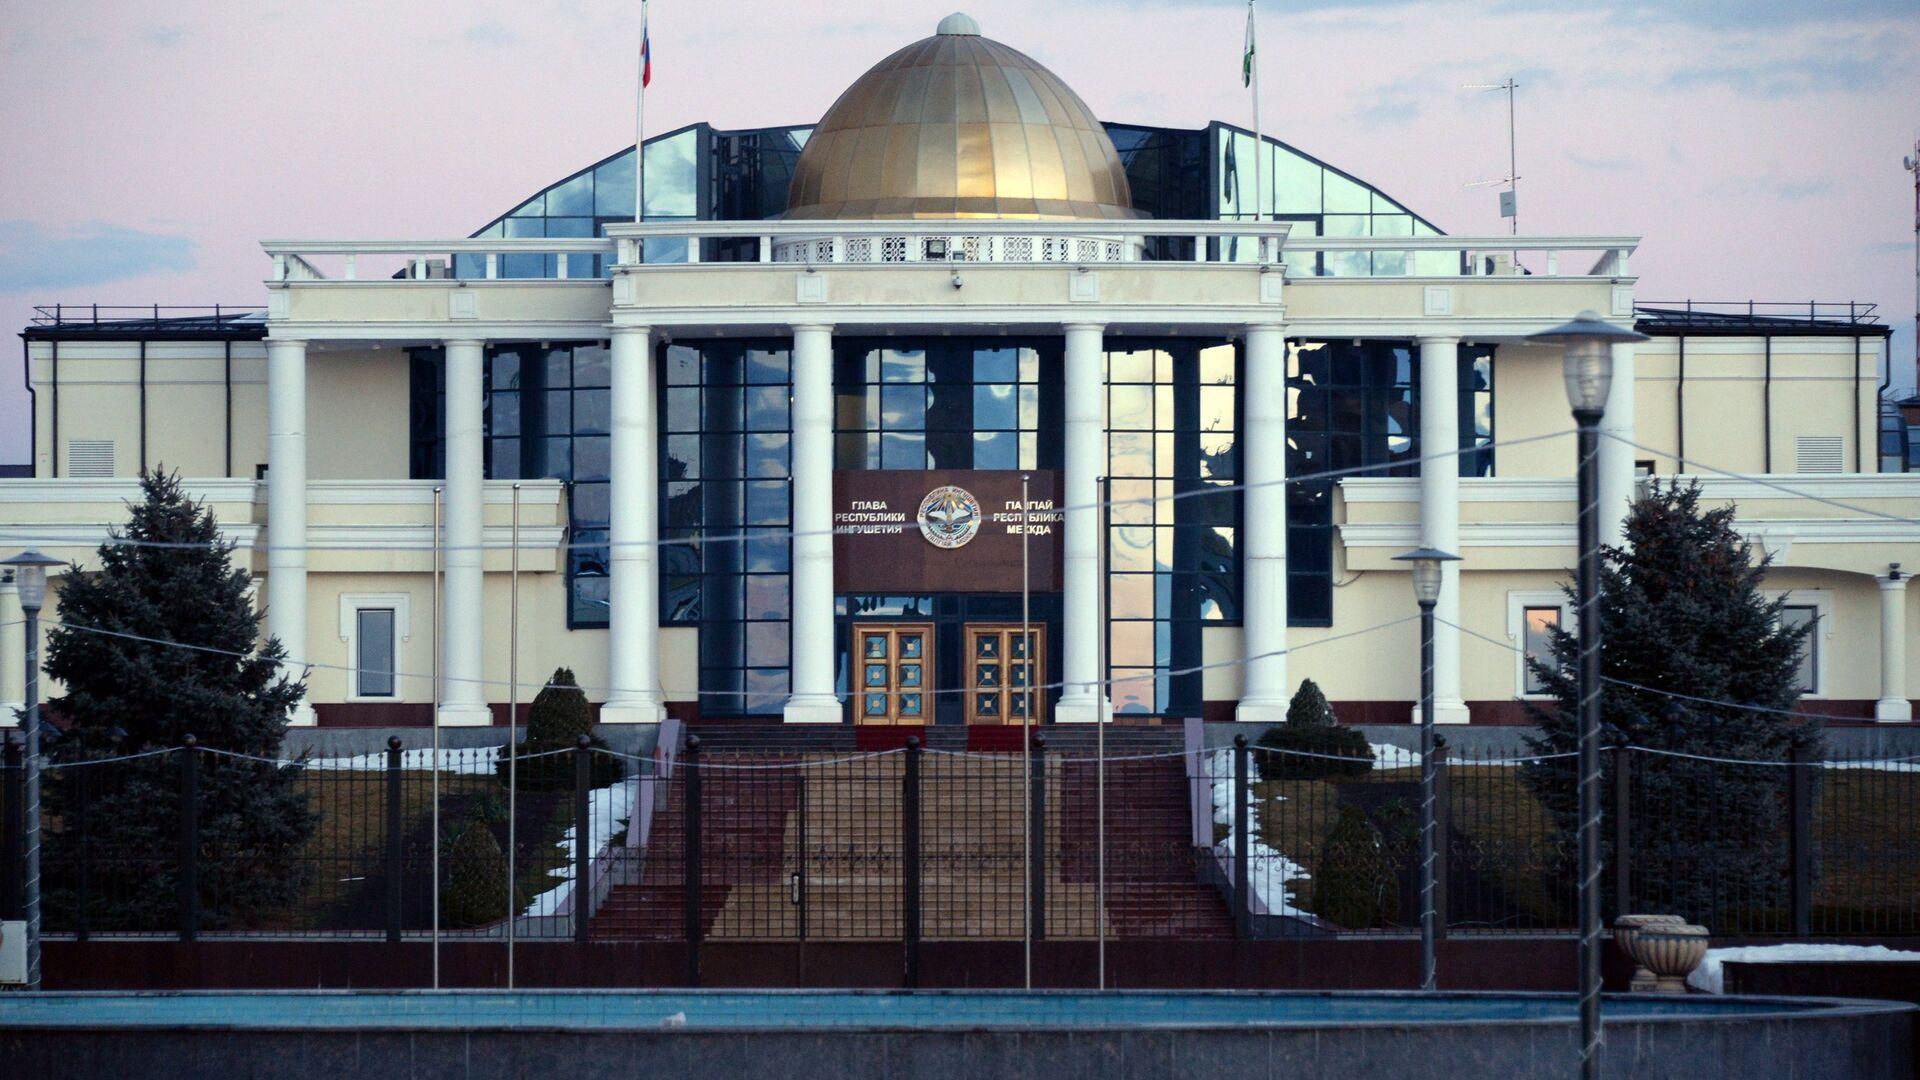 Здание Правительства Республики Ингушетия в городе Магас - РИА Новости, 1920, 26.08.2021